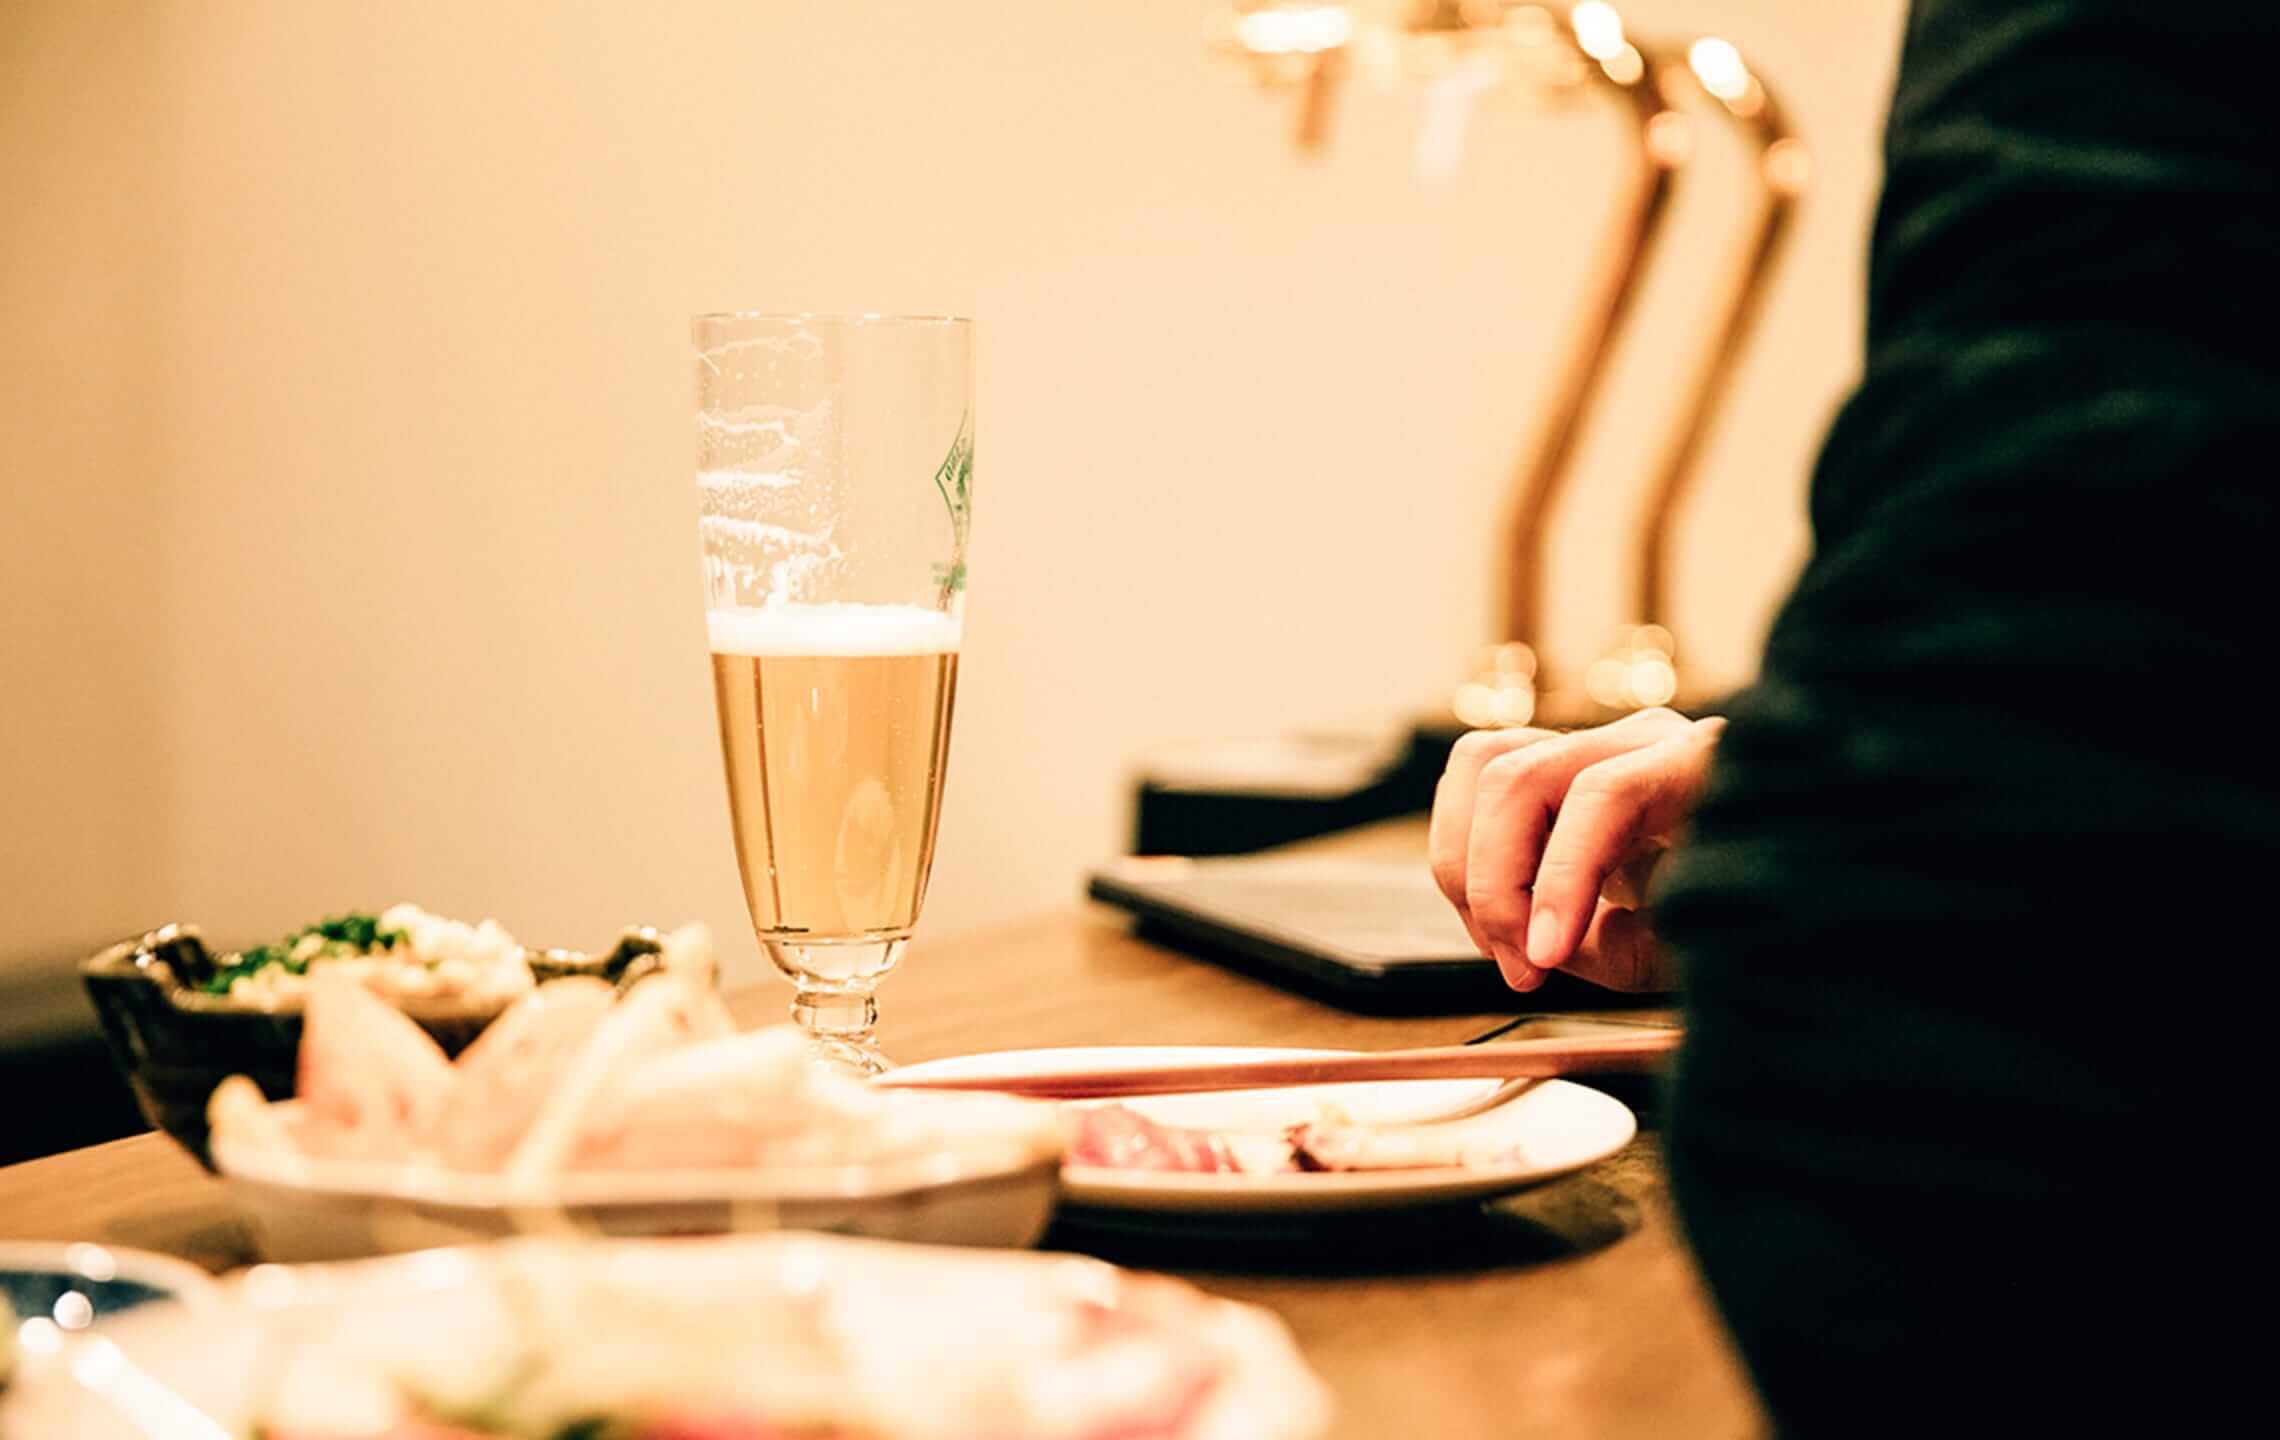 食事を楽しんでいるお客様の画像